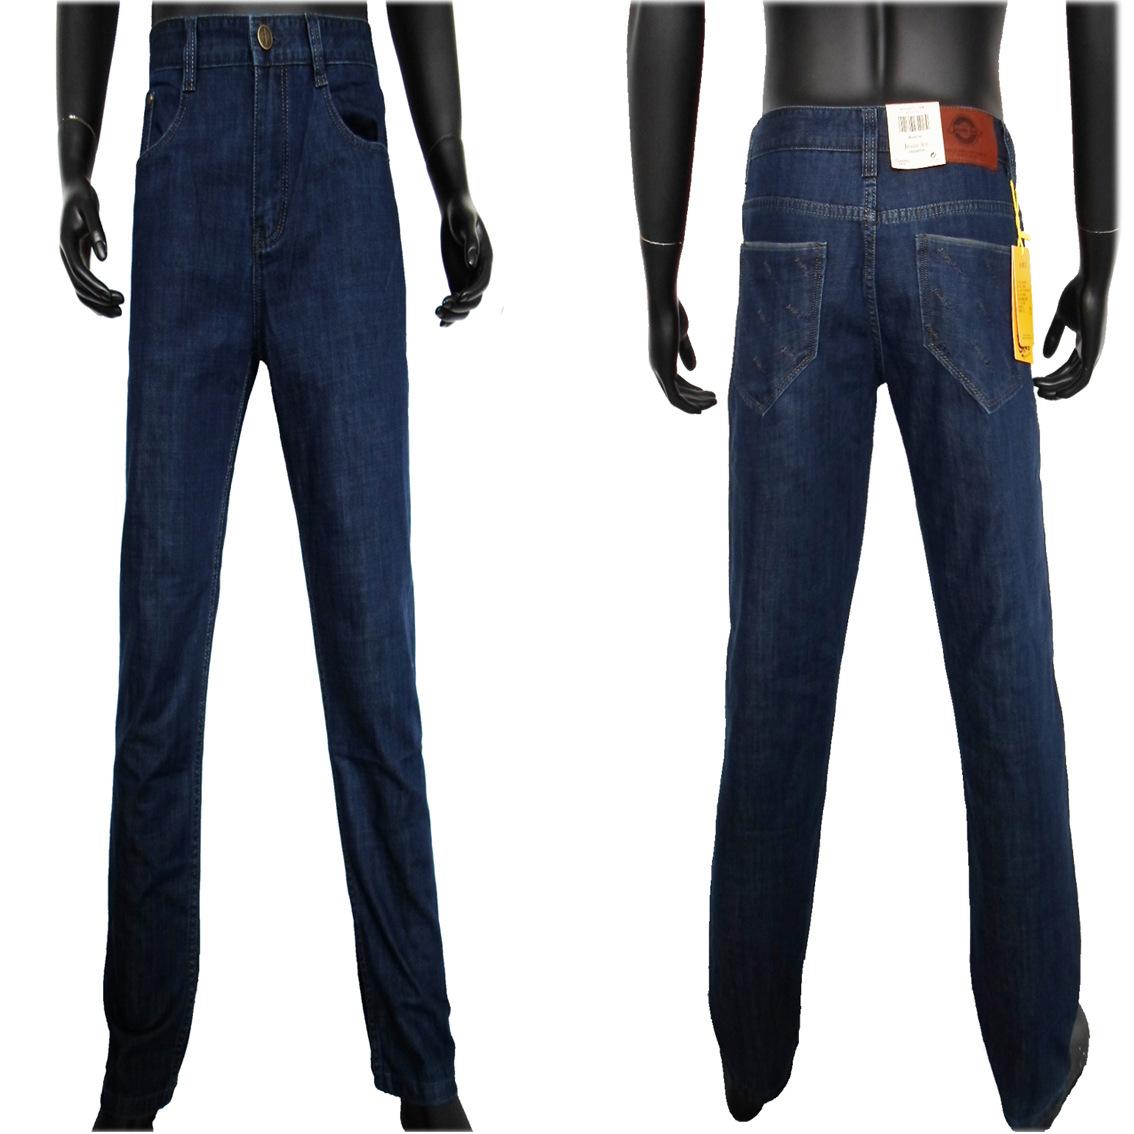 男士牛仔裤 库存批发外贸原单男士牛仔裤 纯棉直筒弹力杂款男士 阿里